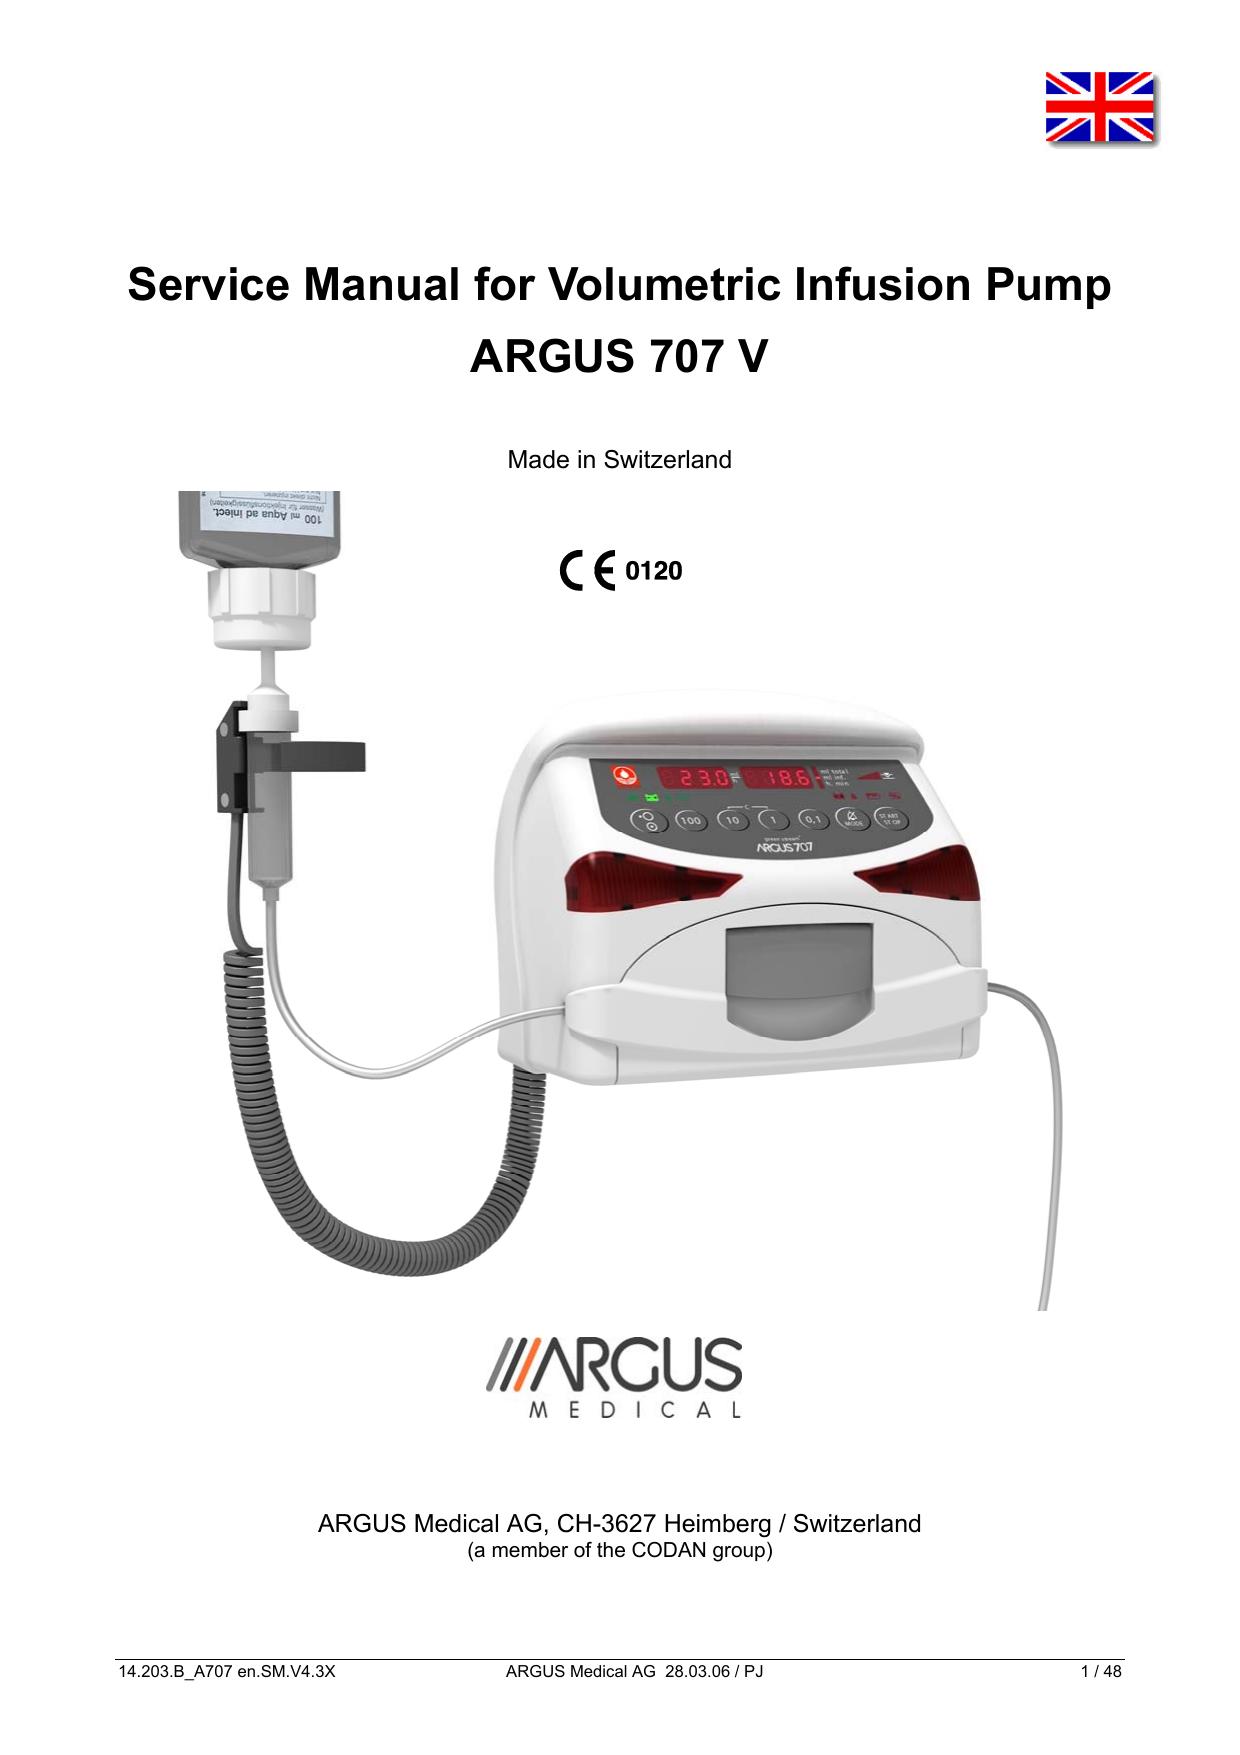 argus 707v infusion pump service manual manualzz com rh manualzz com